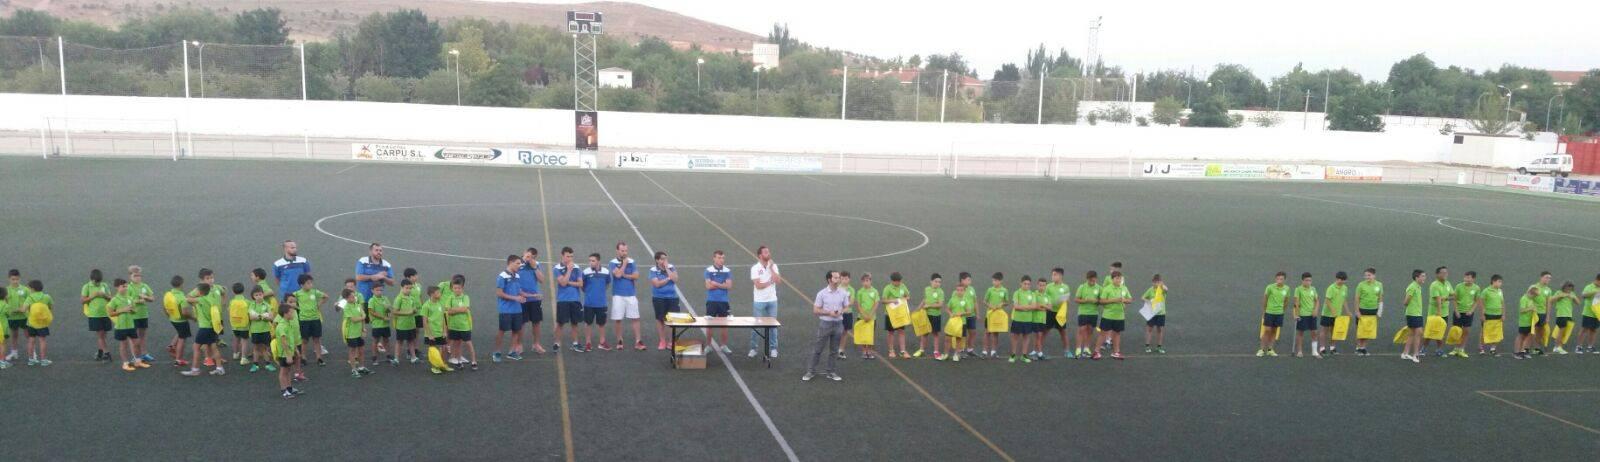 clausura de iii campus de futbol - Finalizado el III Campus de fútbol Herencia